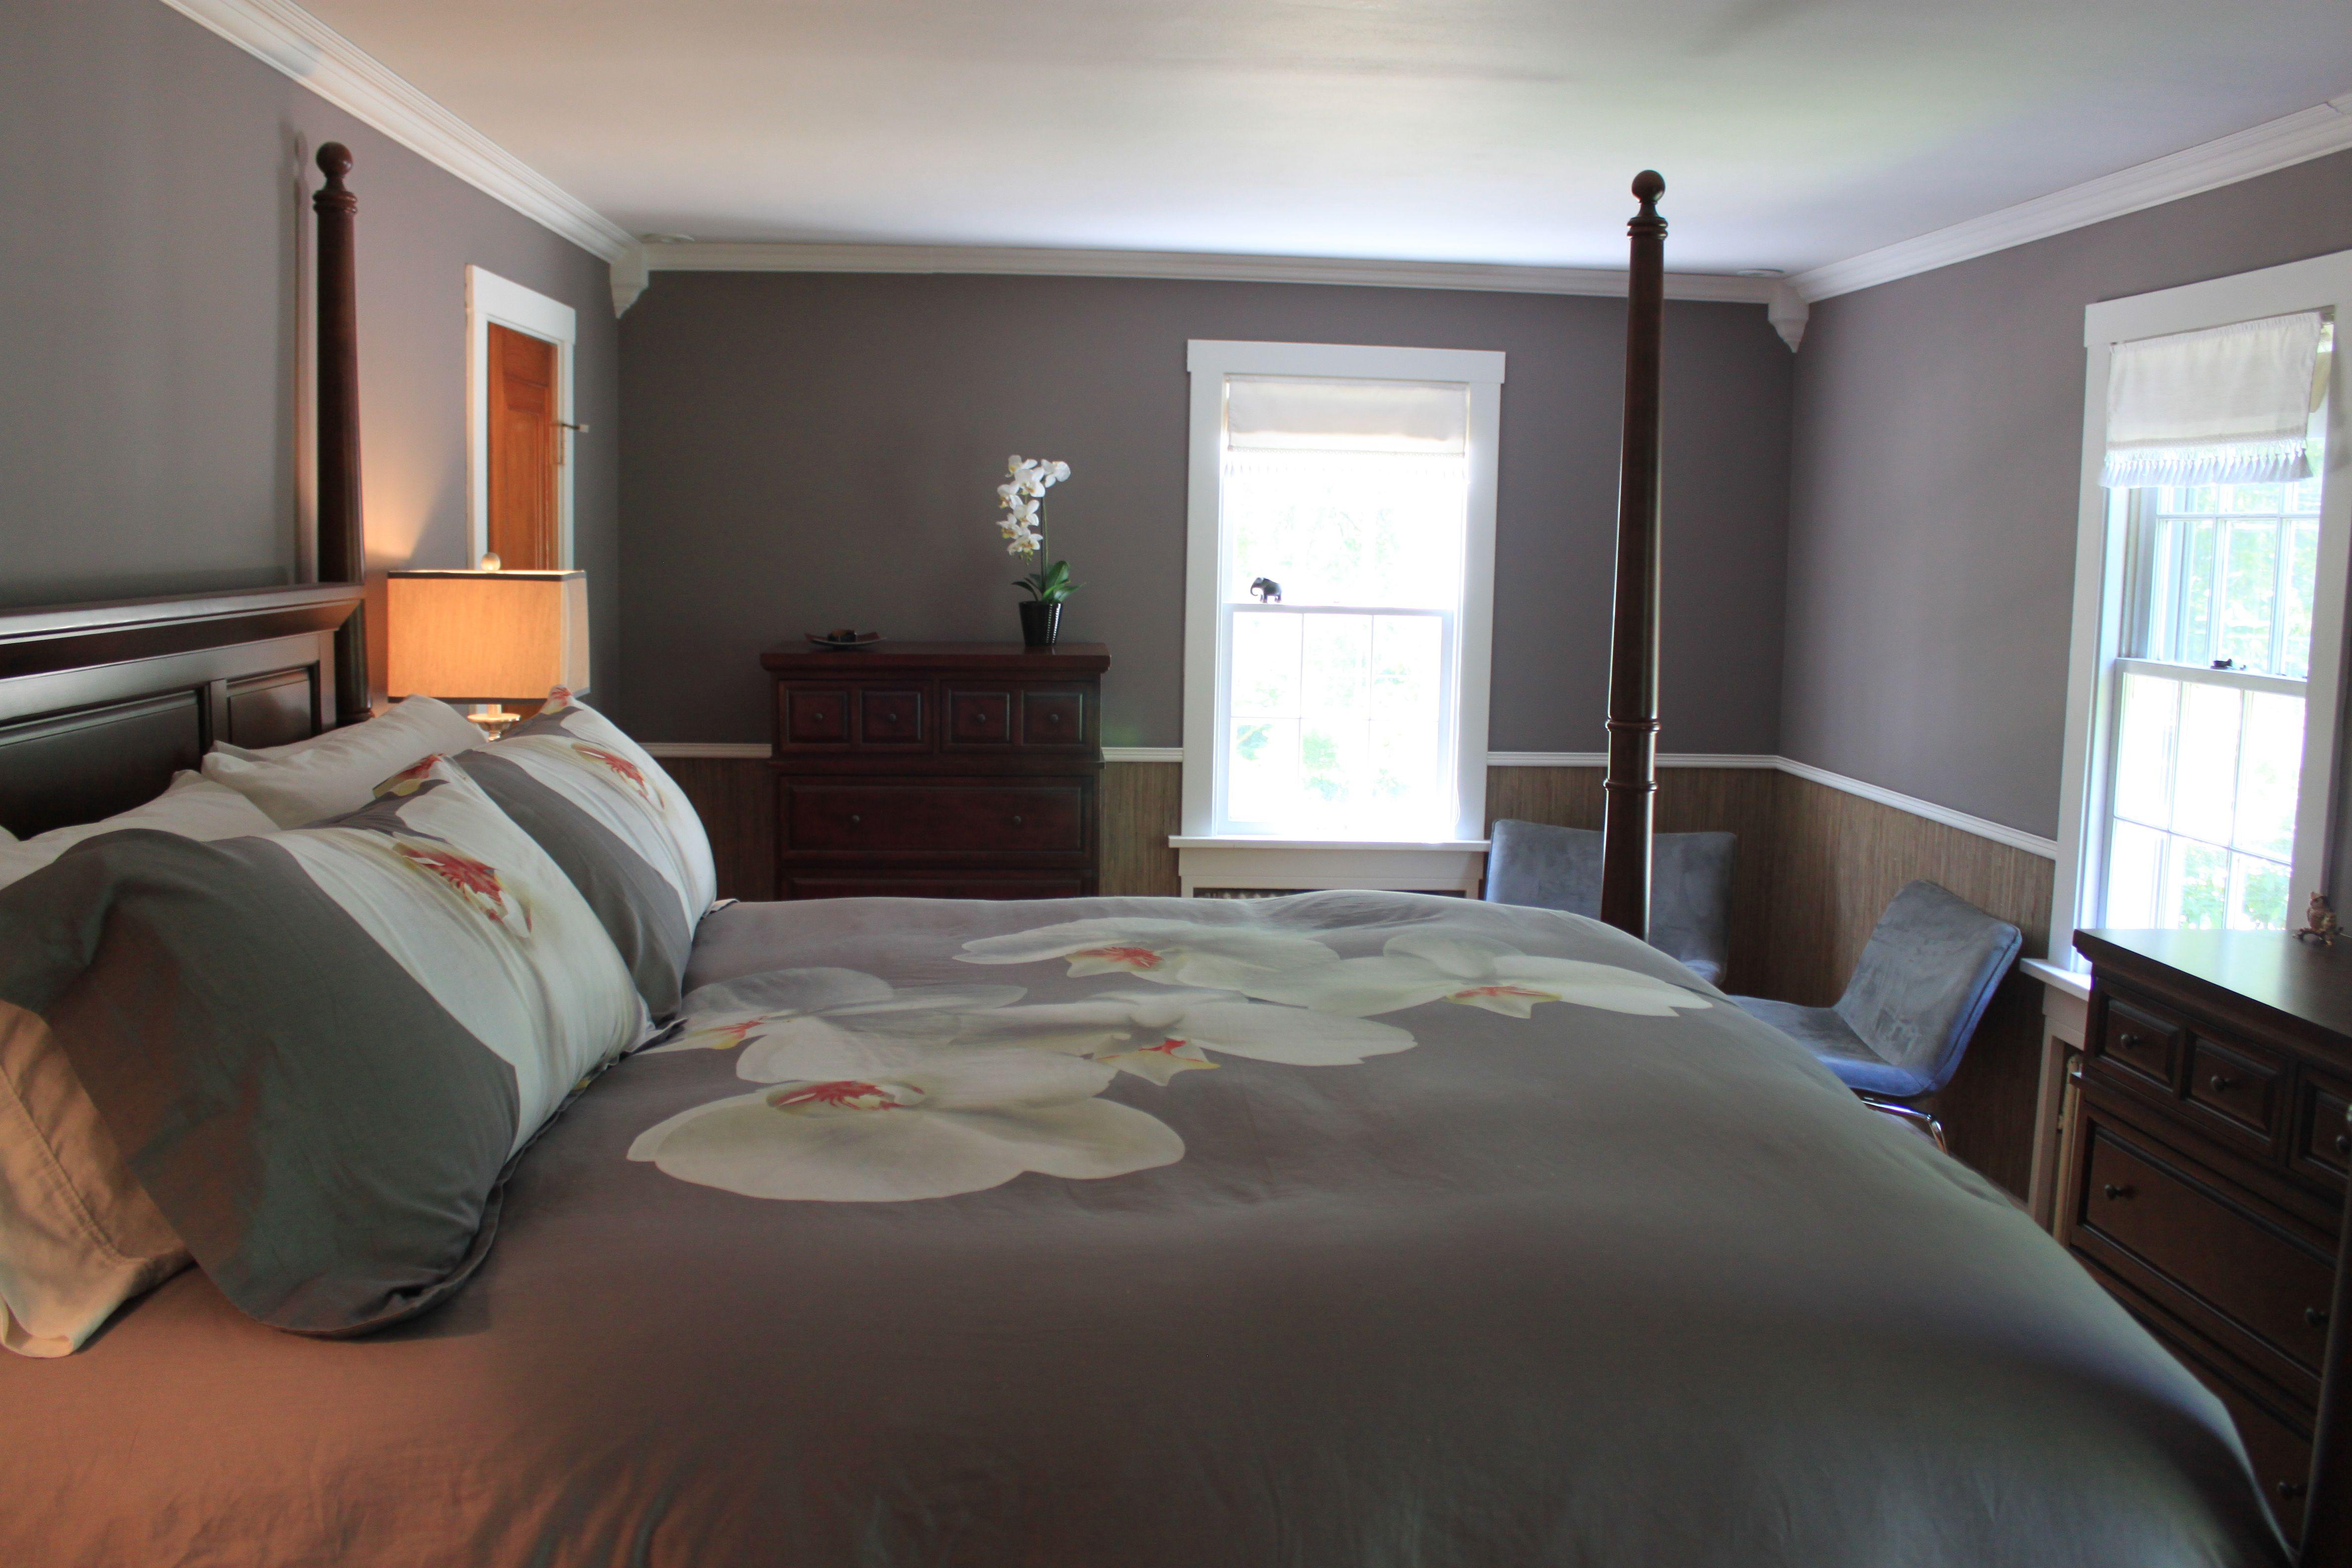 Licht Grau Schlafzimmer Wände   Schlafzimmer